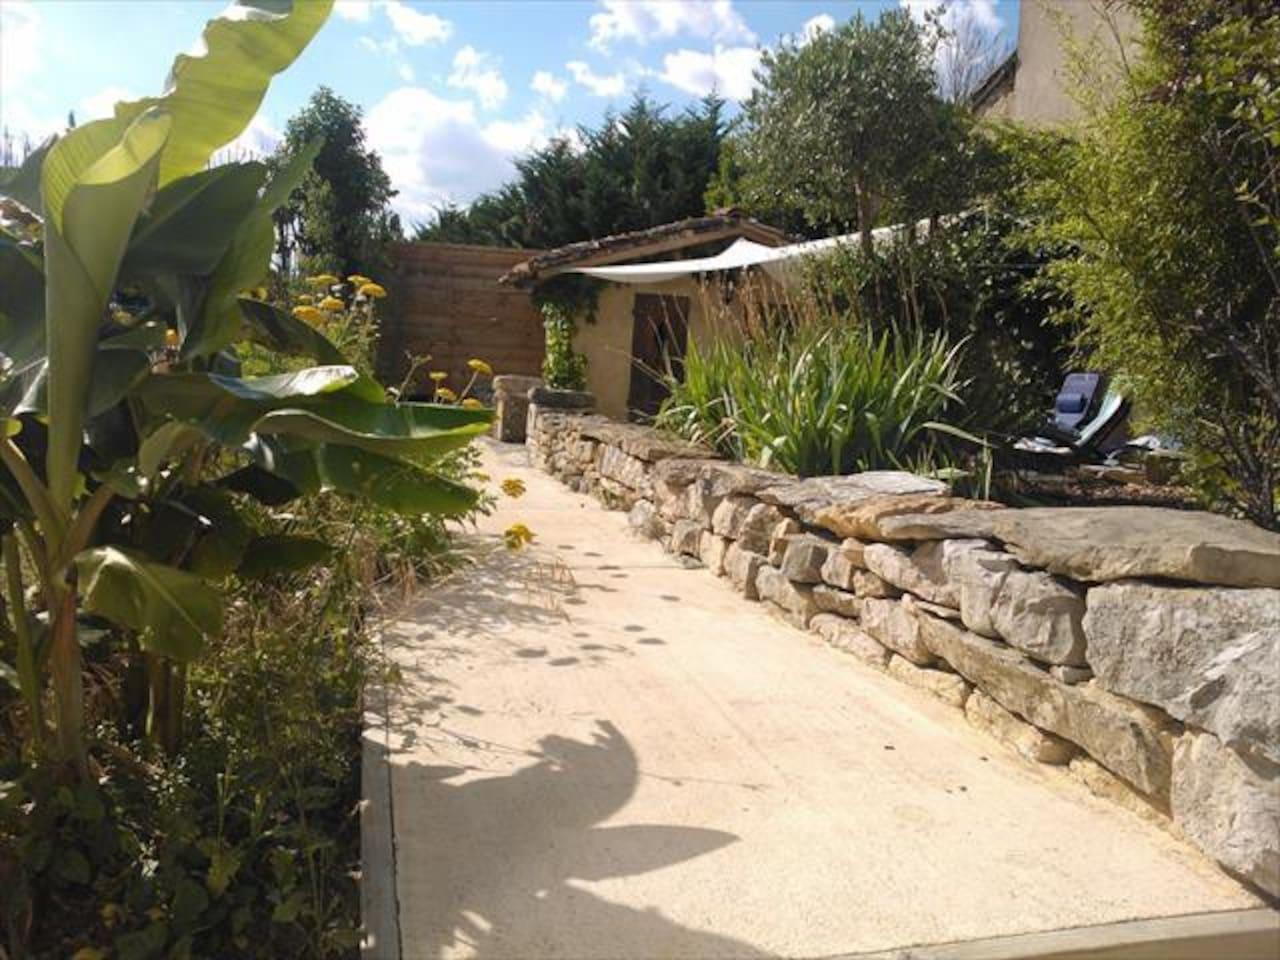 Sunny enclosed garden